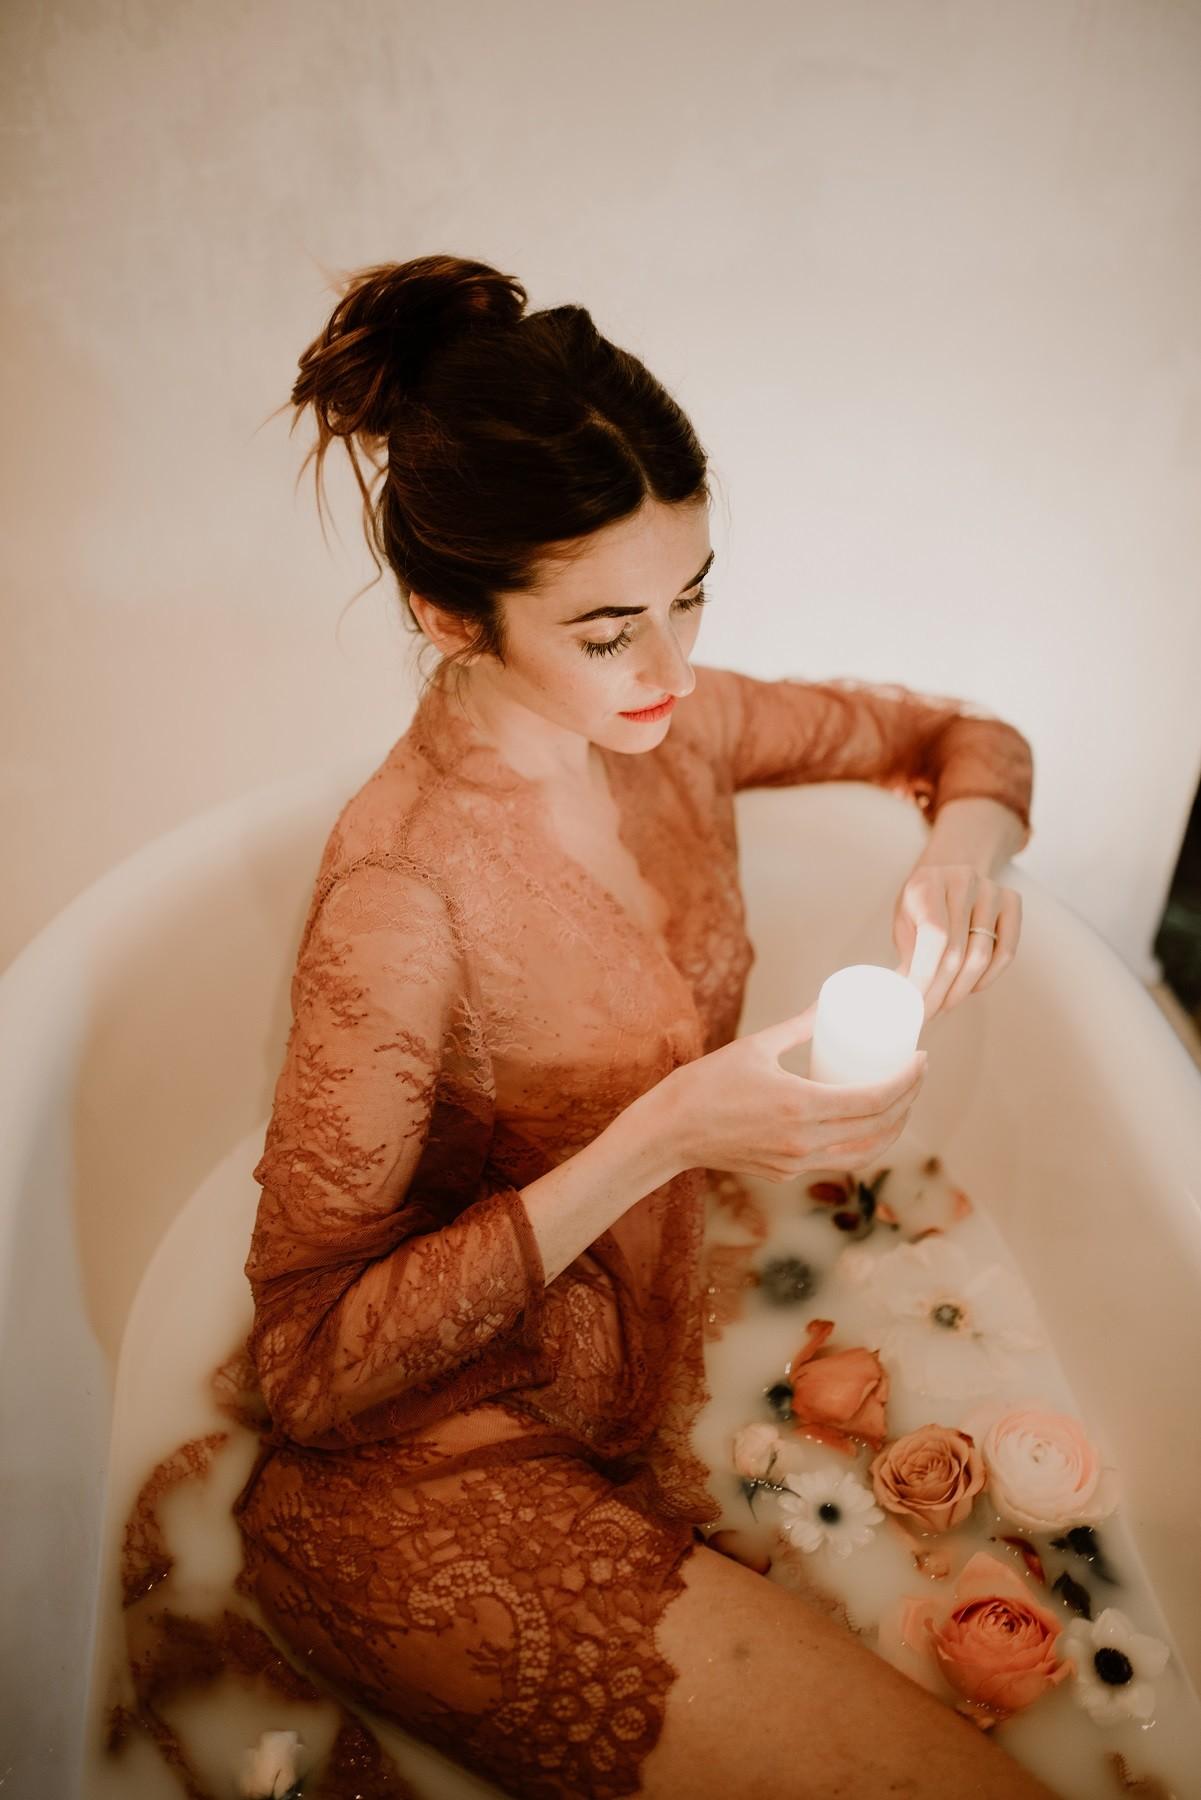 bougies dans le bain